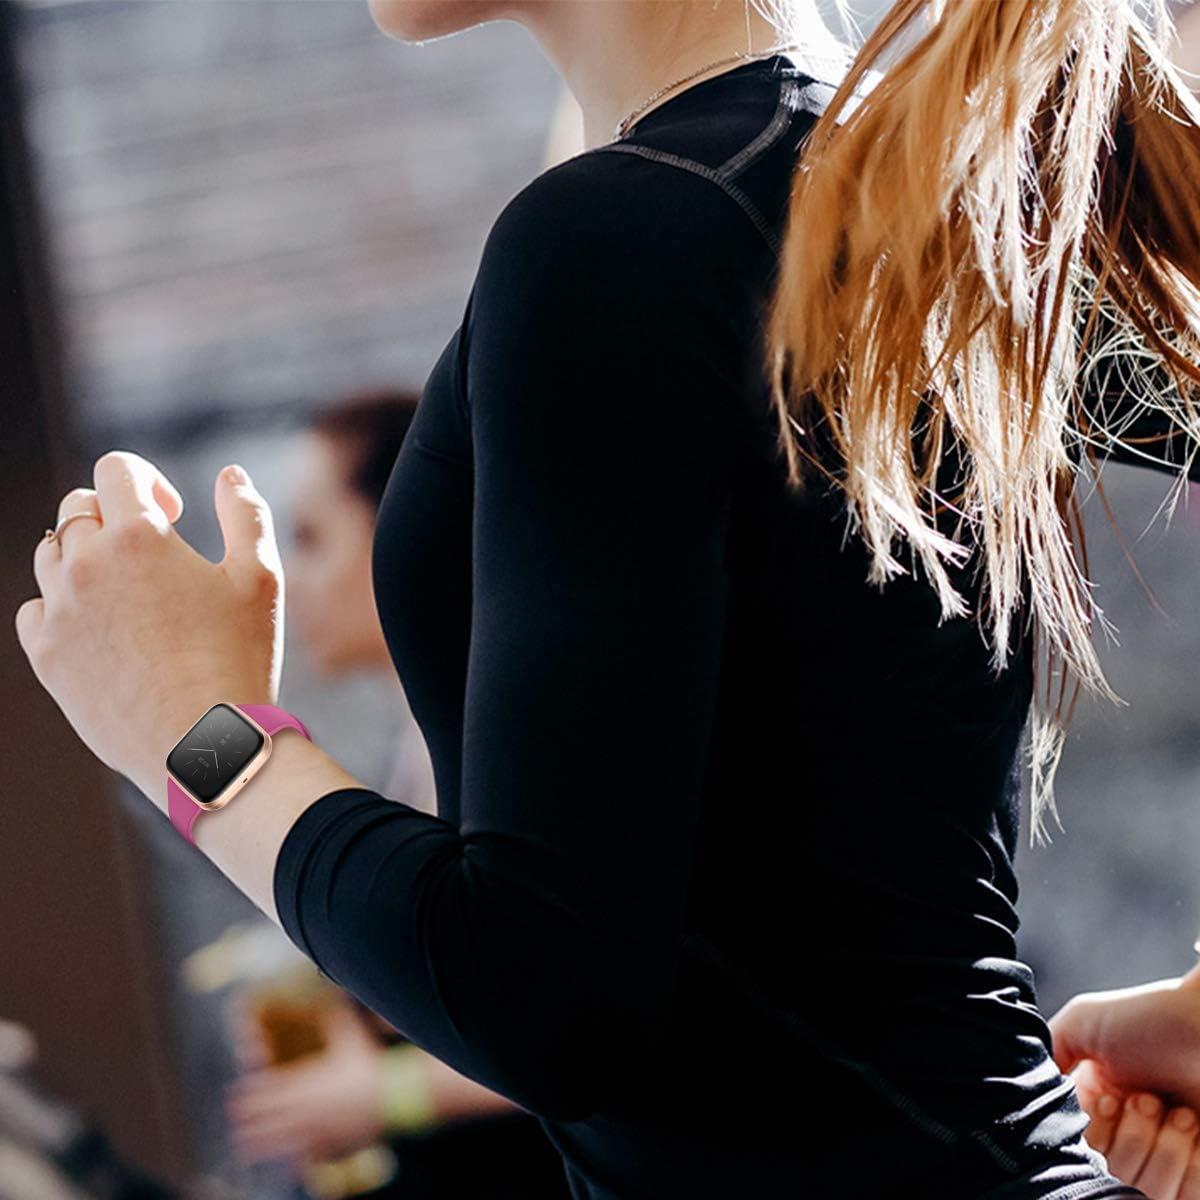 KIMILAR Armband Kompatibel mit Fitbit Versa//Versa 2 //Versa Lite//SE Armb/änder Silikon Quadratische Schnalle Schlank Ersatzband Uhrenarmband f/ür Fitbit Versa Special Edition Smartwatch